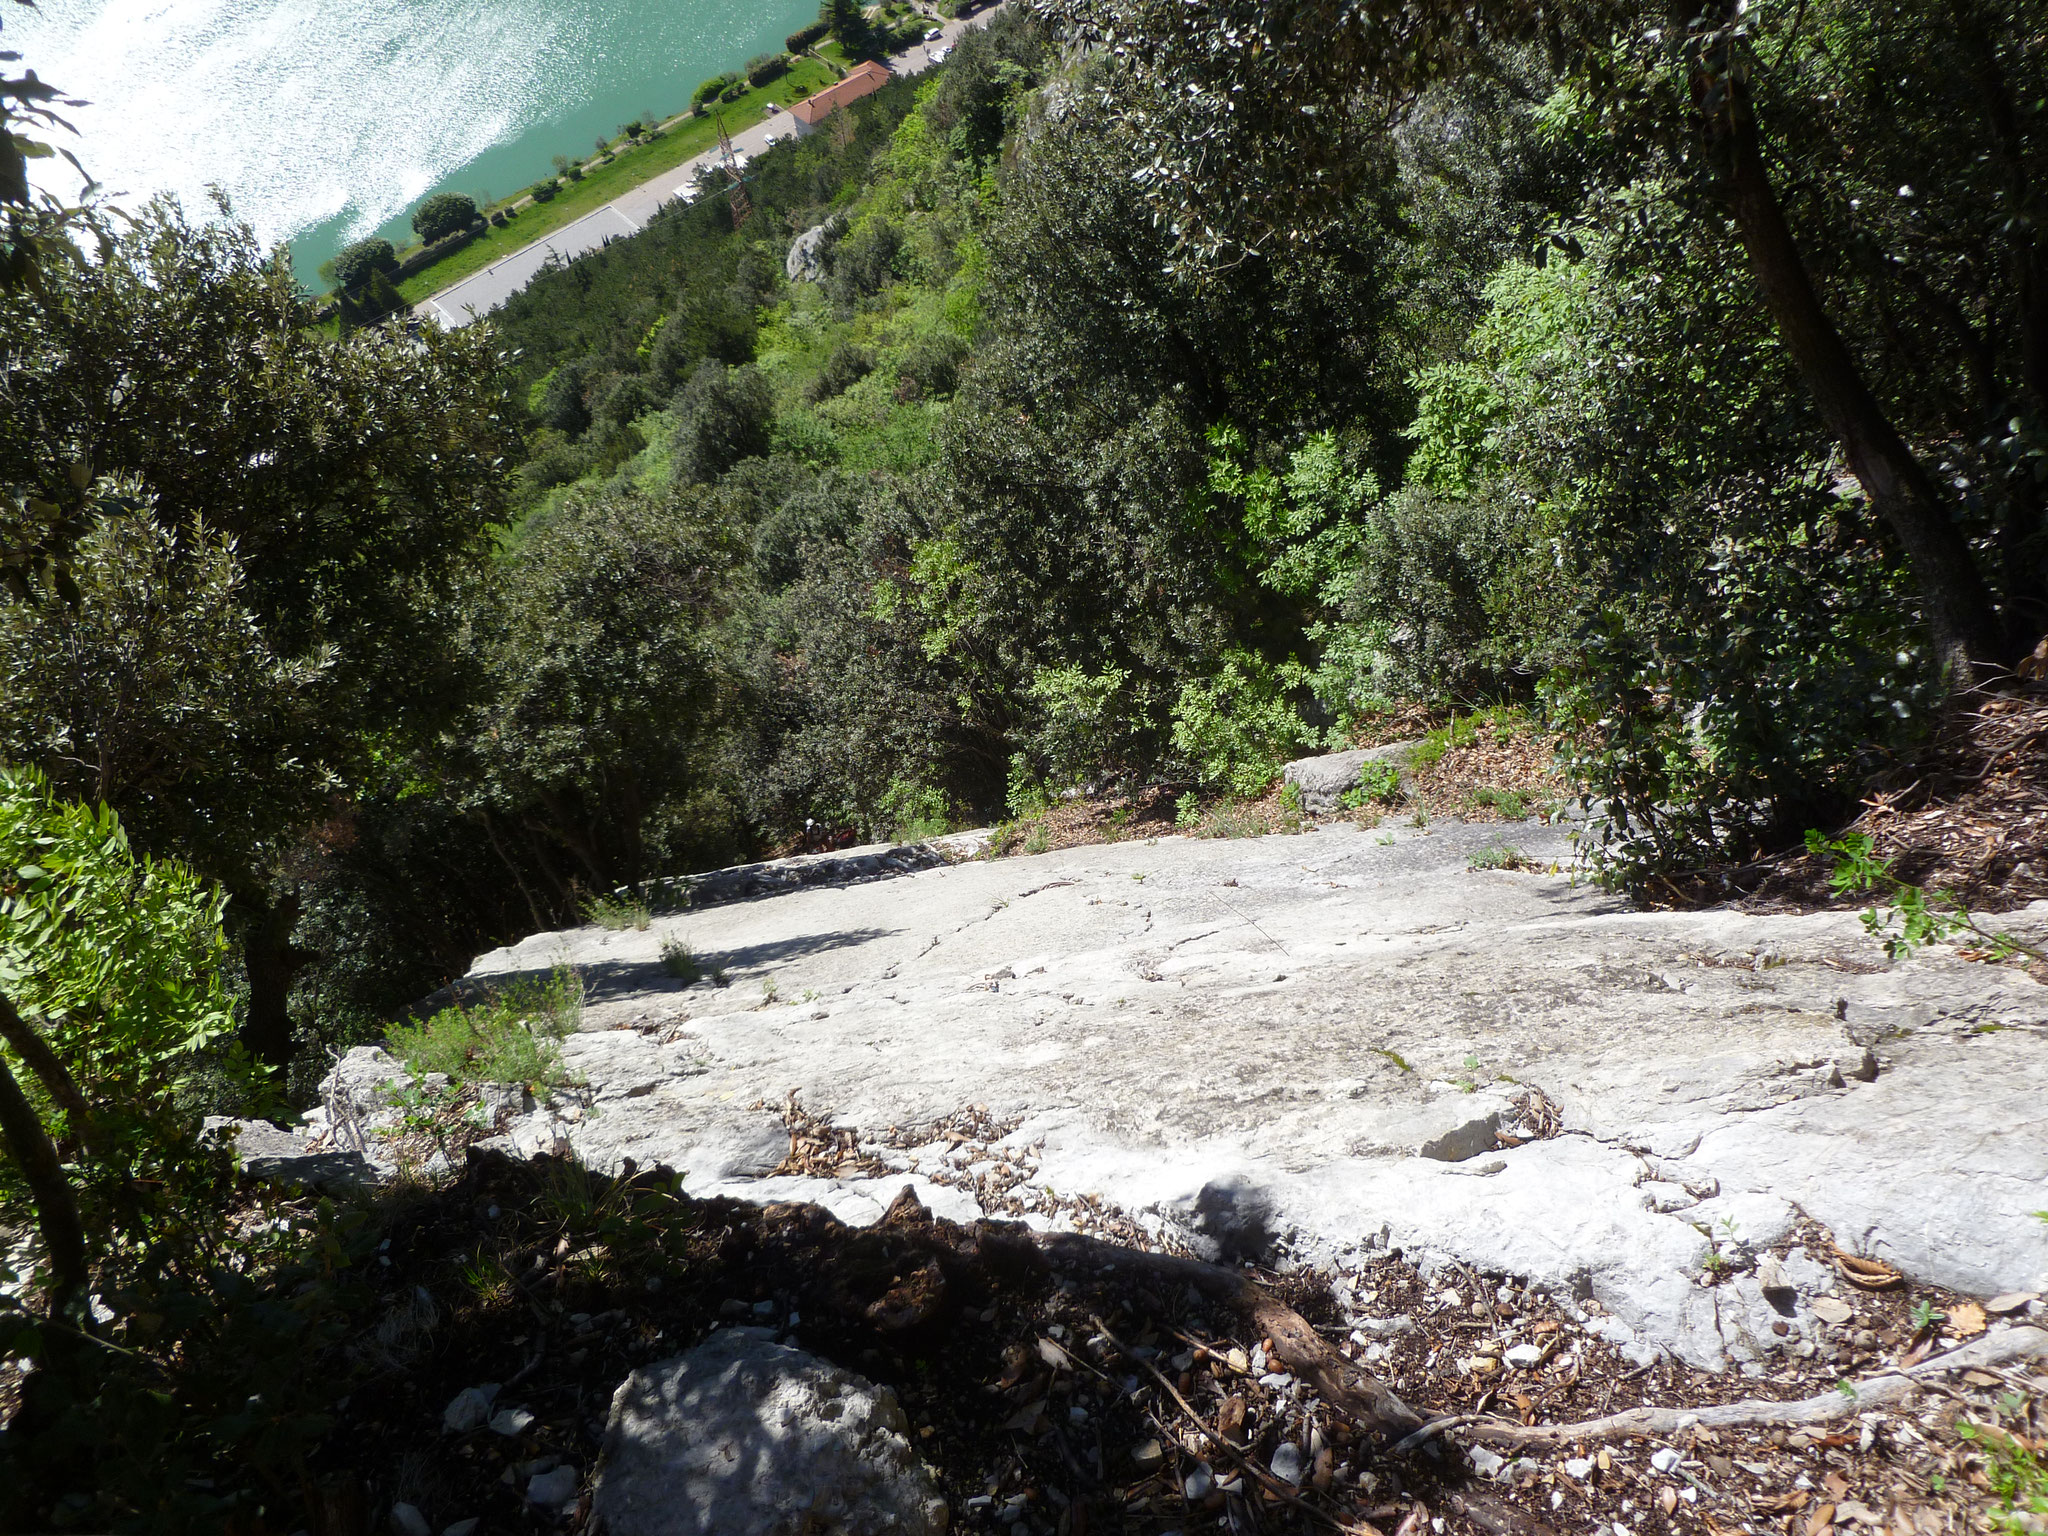 Rückblick vom ersten Stand auf die Kletterallee